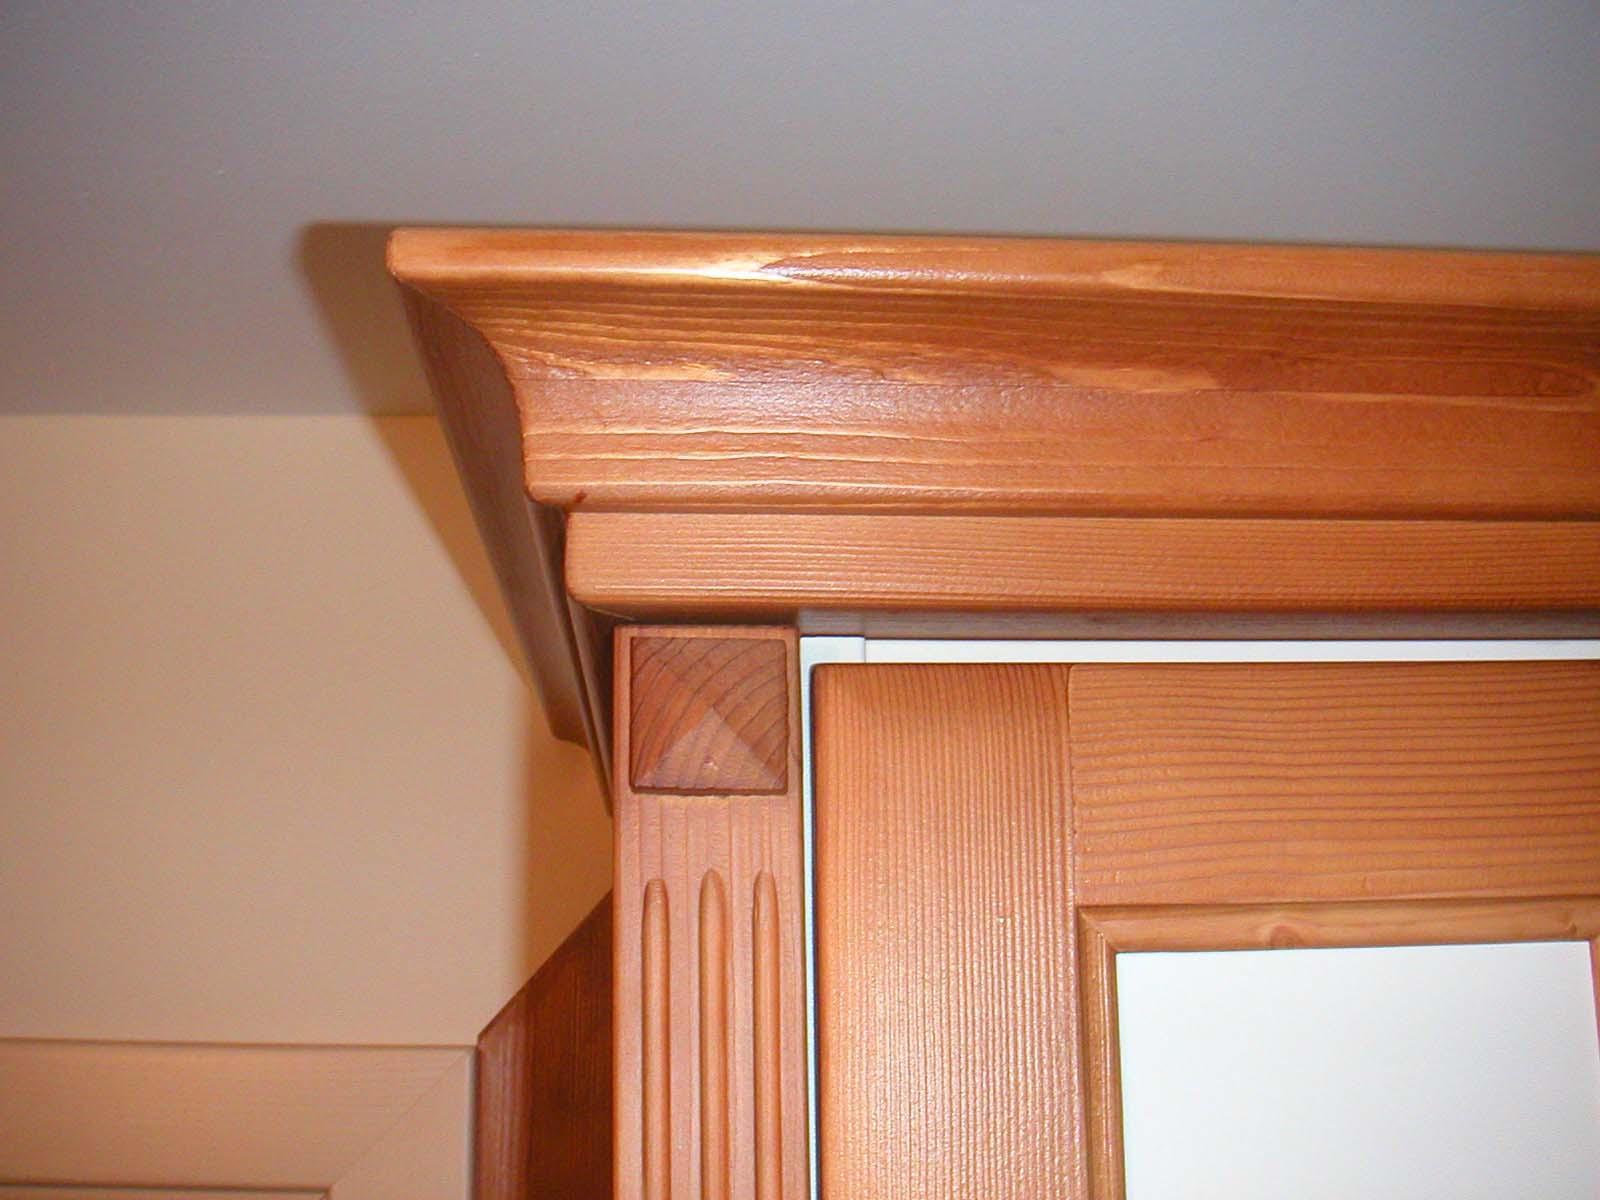 küchenmöbel ? bilder & ideen ? couchstyle - Küchenmöbel Aus Holz